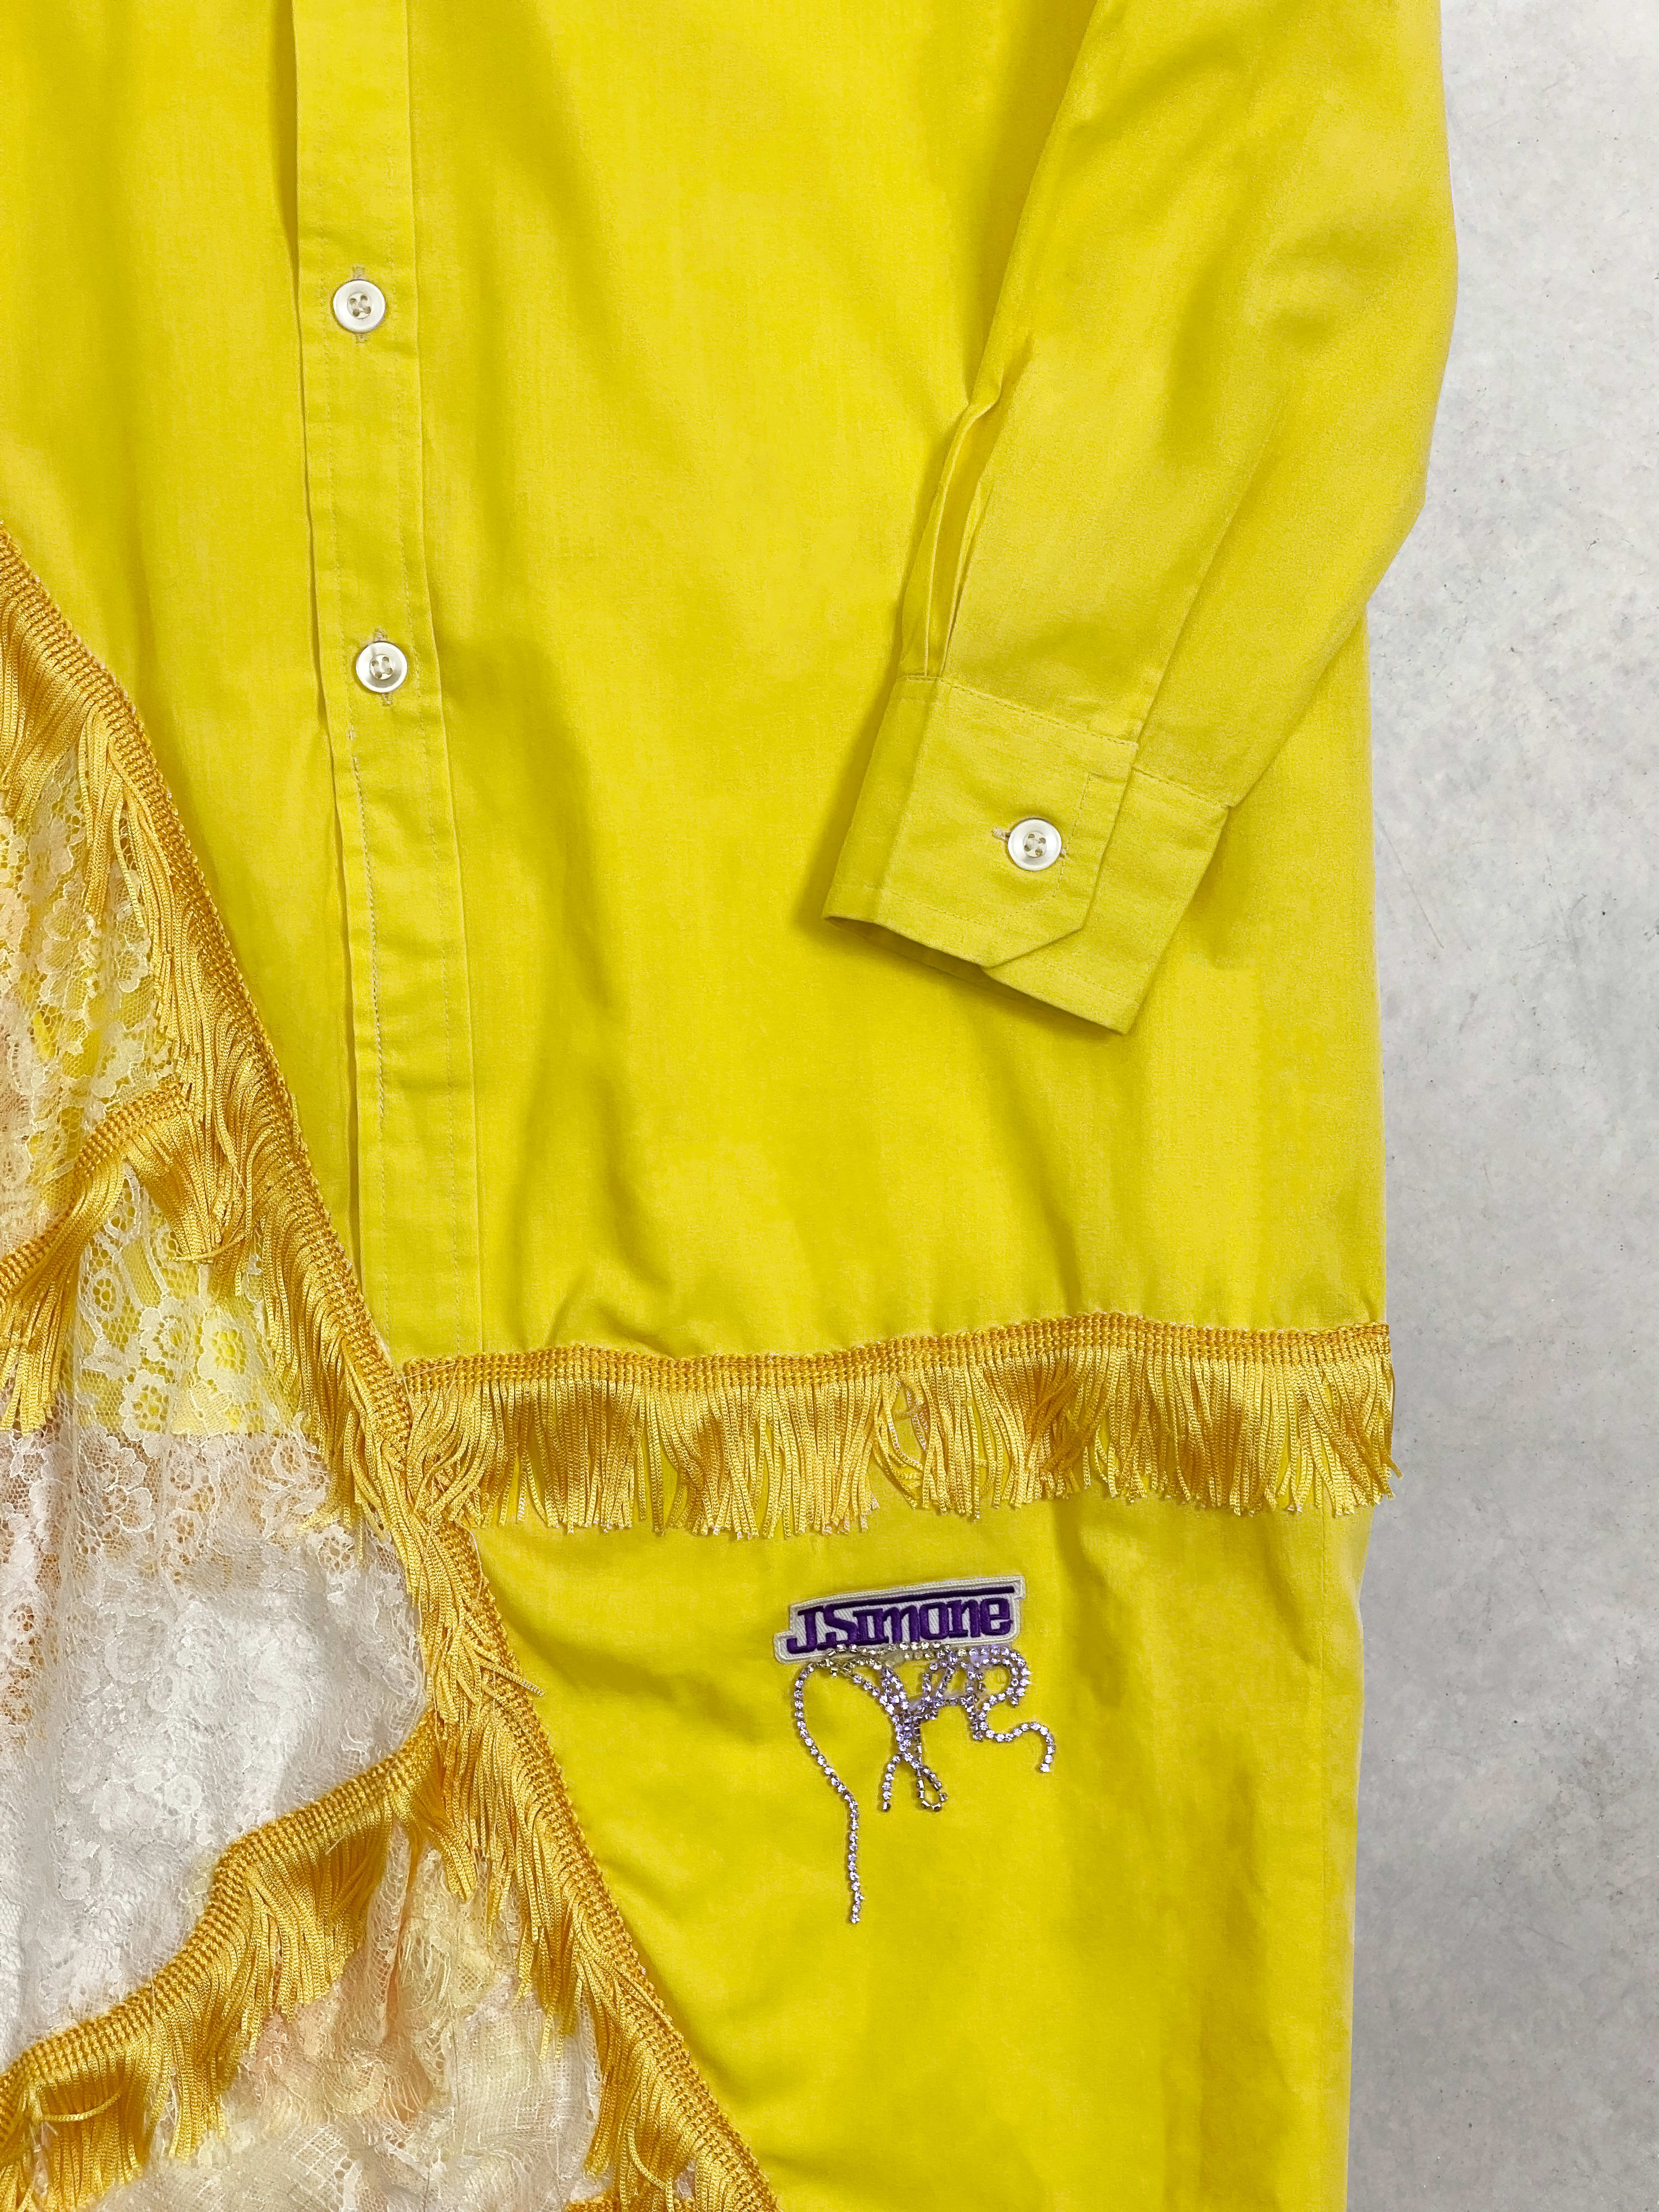 Packshot du produit Chemise Asymétrique Déstructurée en Coton et Dentelle de la marque Maison J. Simone